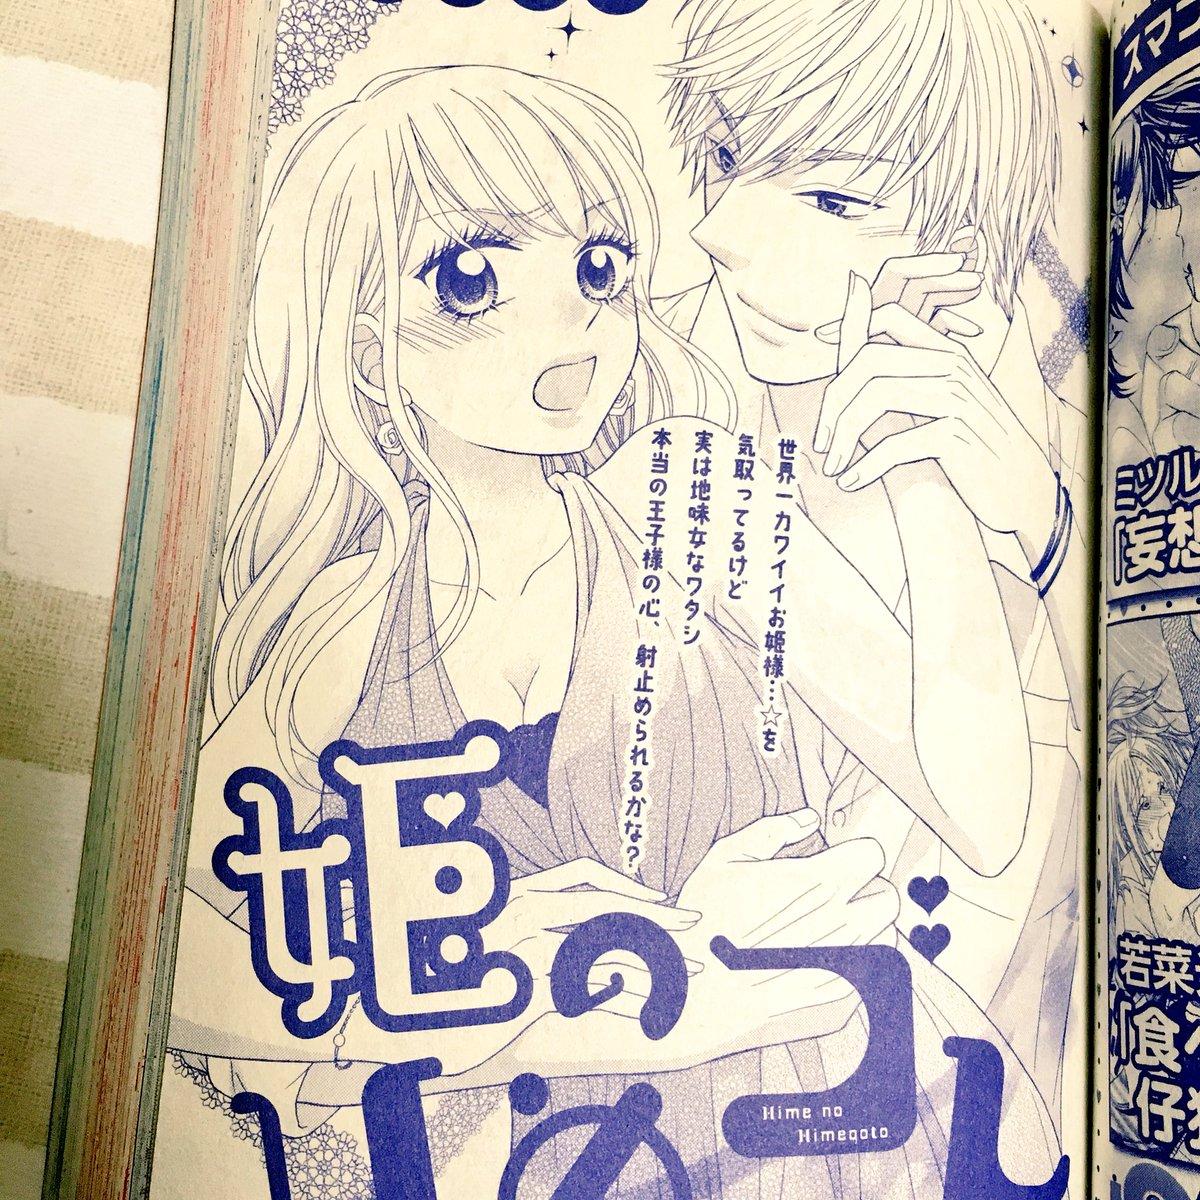 ★5月10日発売の絶対恋愛Sweet6月号に載ってます!『姫のひめゴト』周囲からは高嶺の花と思われてるけど、本当は・・・